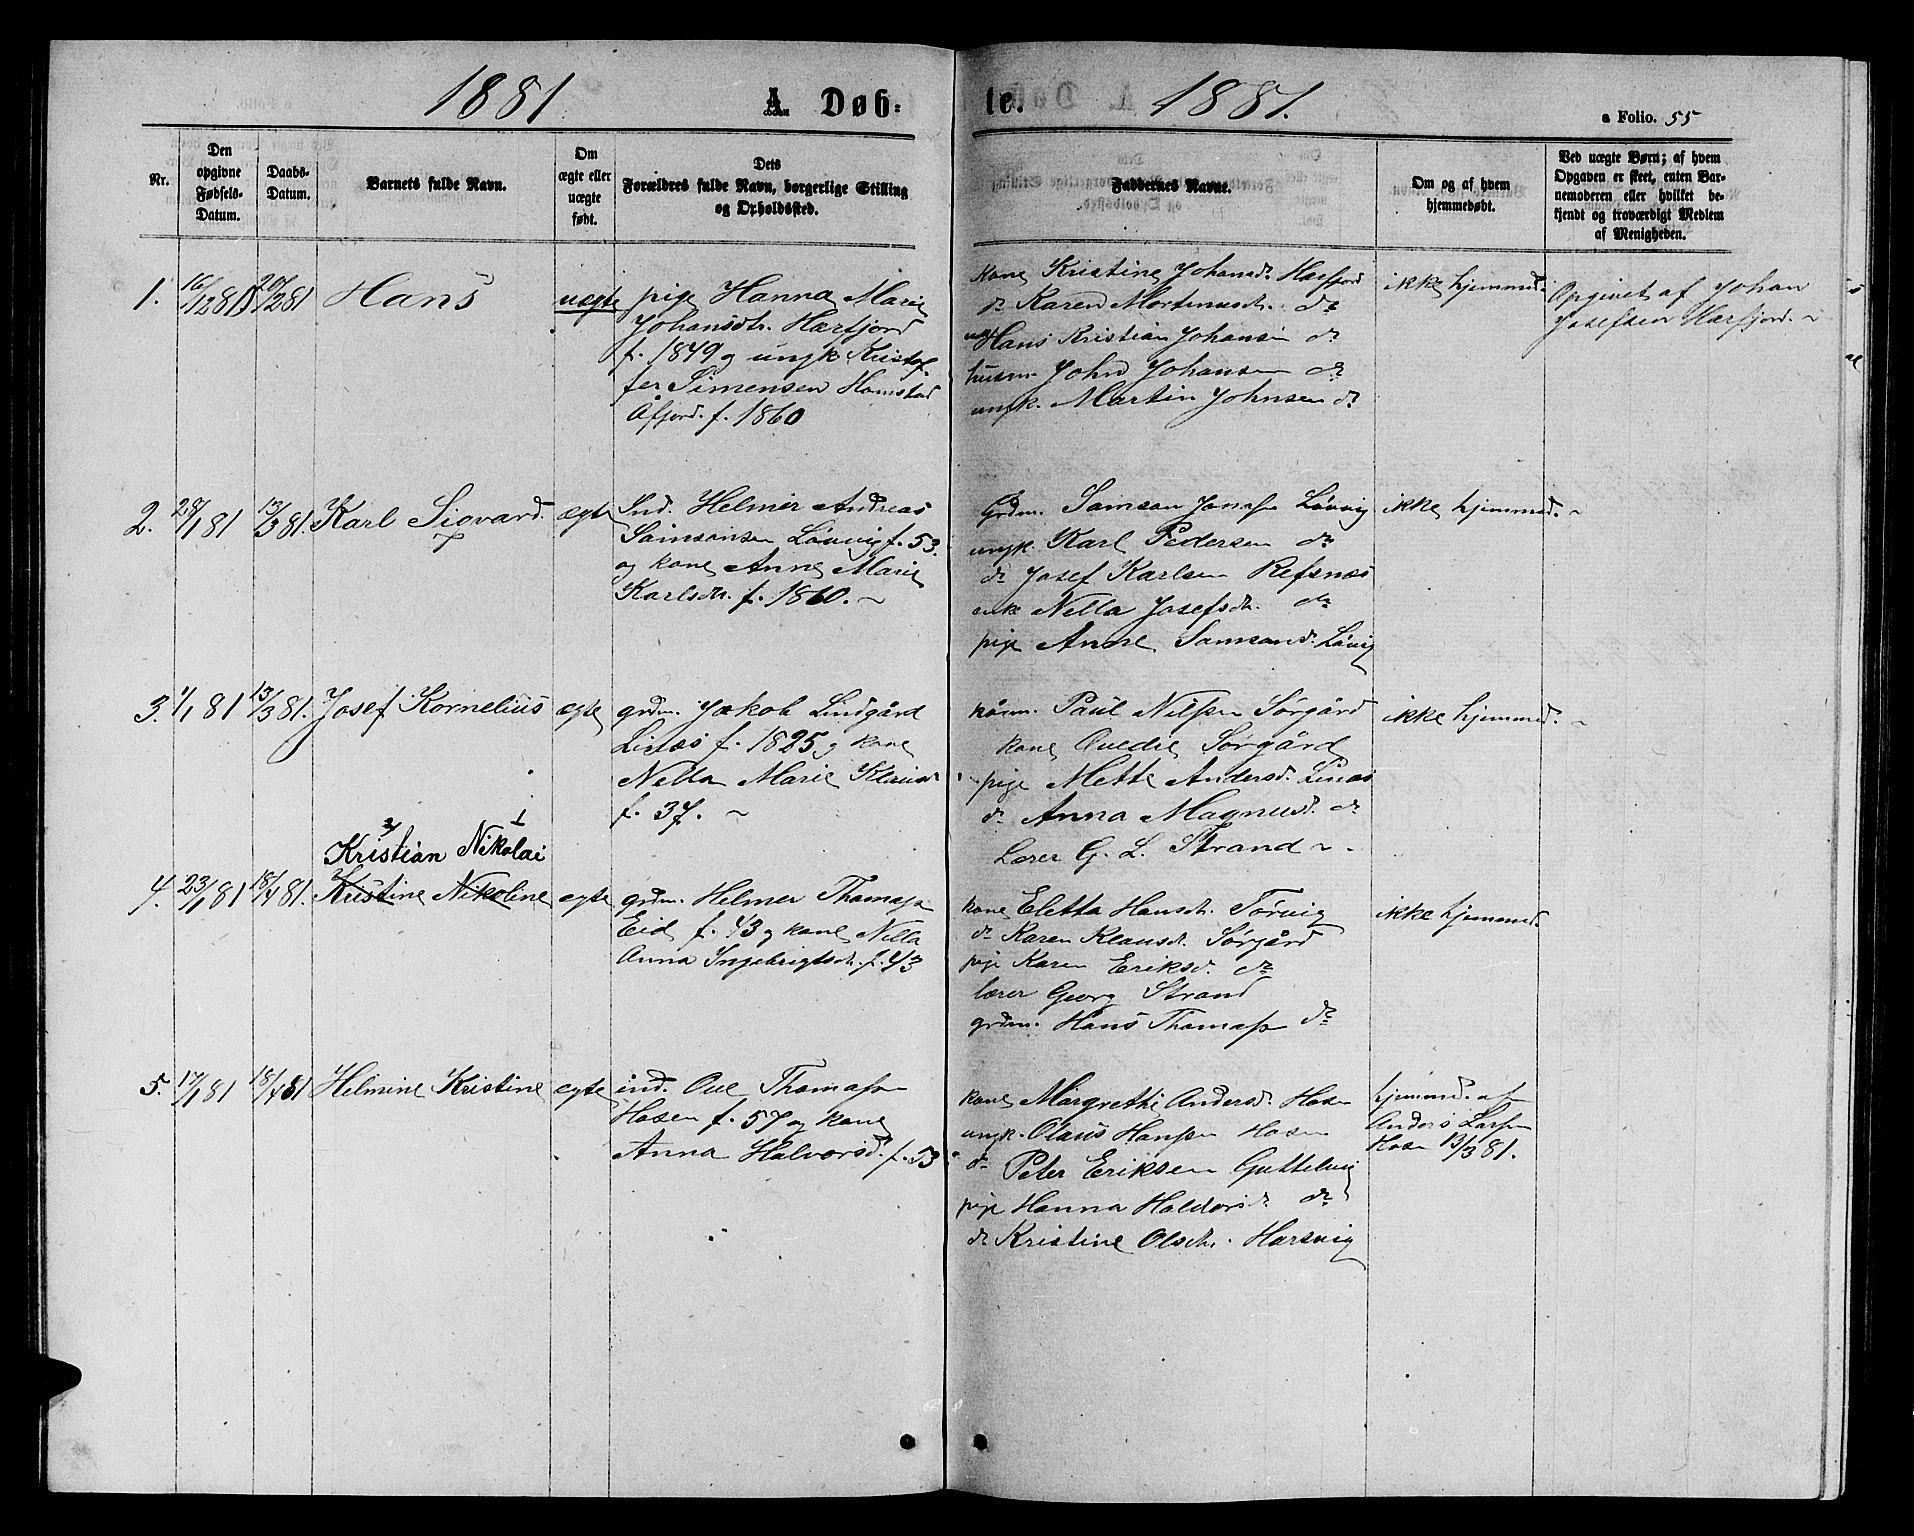 SAT, Ministerialprotokoller, klokkerbøker og fødselsregistre - Sør-Trøndelag, 656/L0695: Klokkerbok nr. 656C01, 1867-1889, s. 55